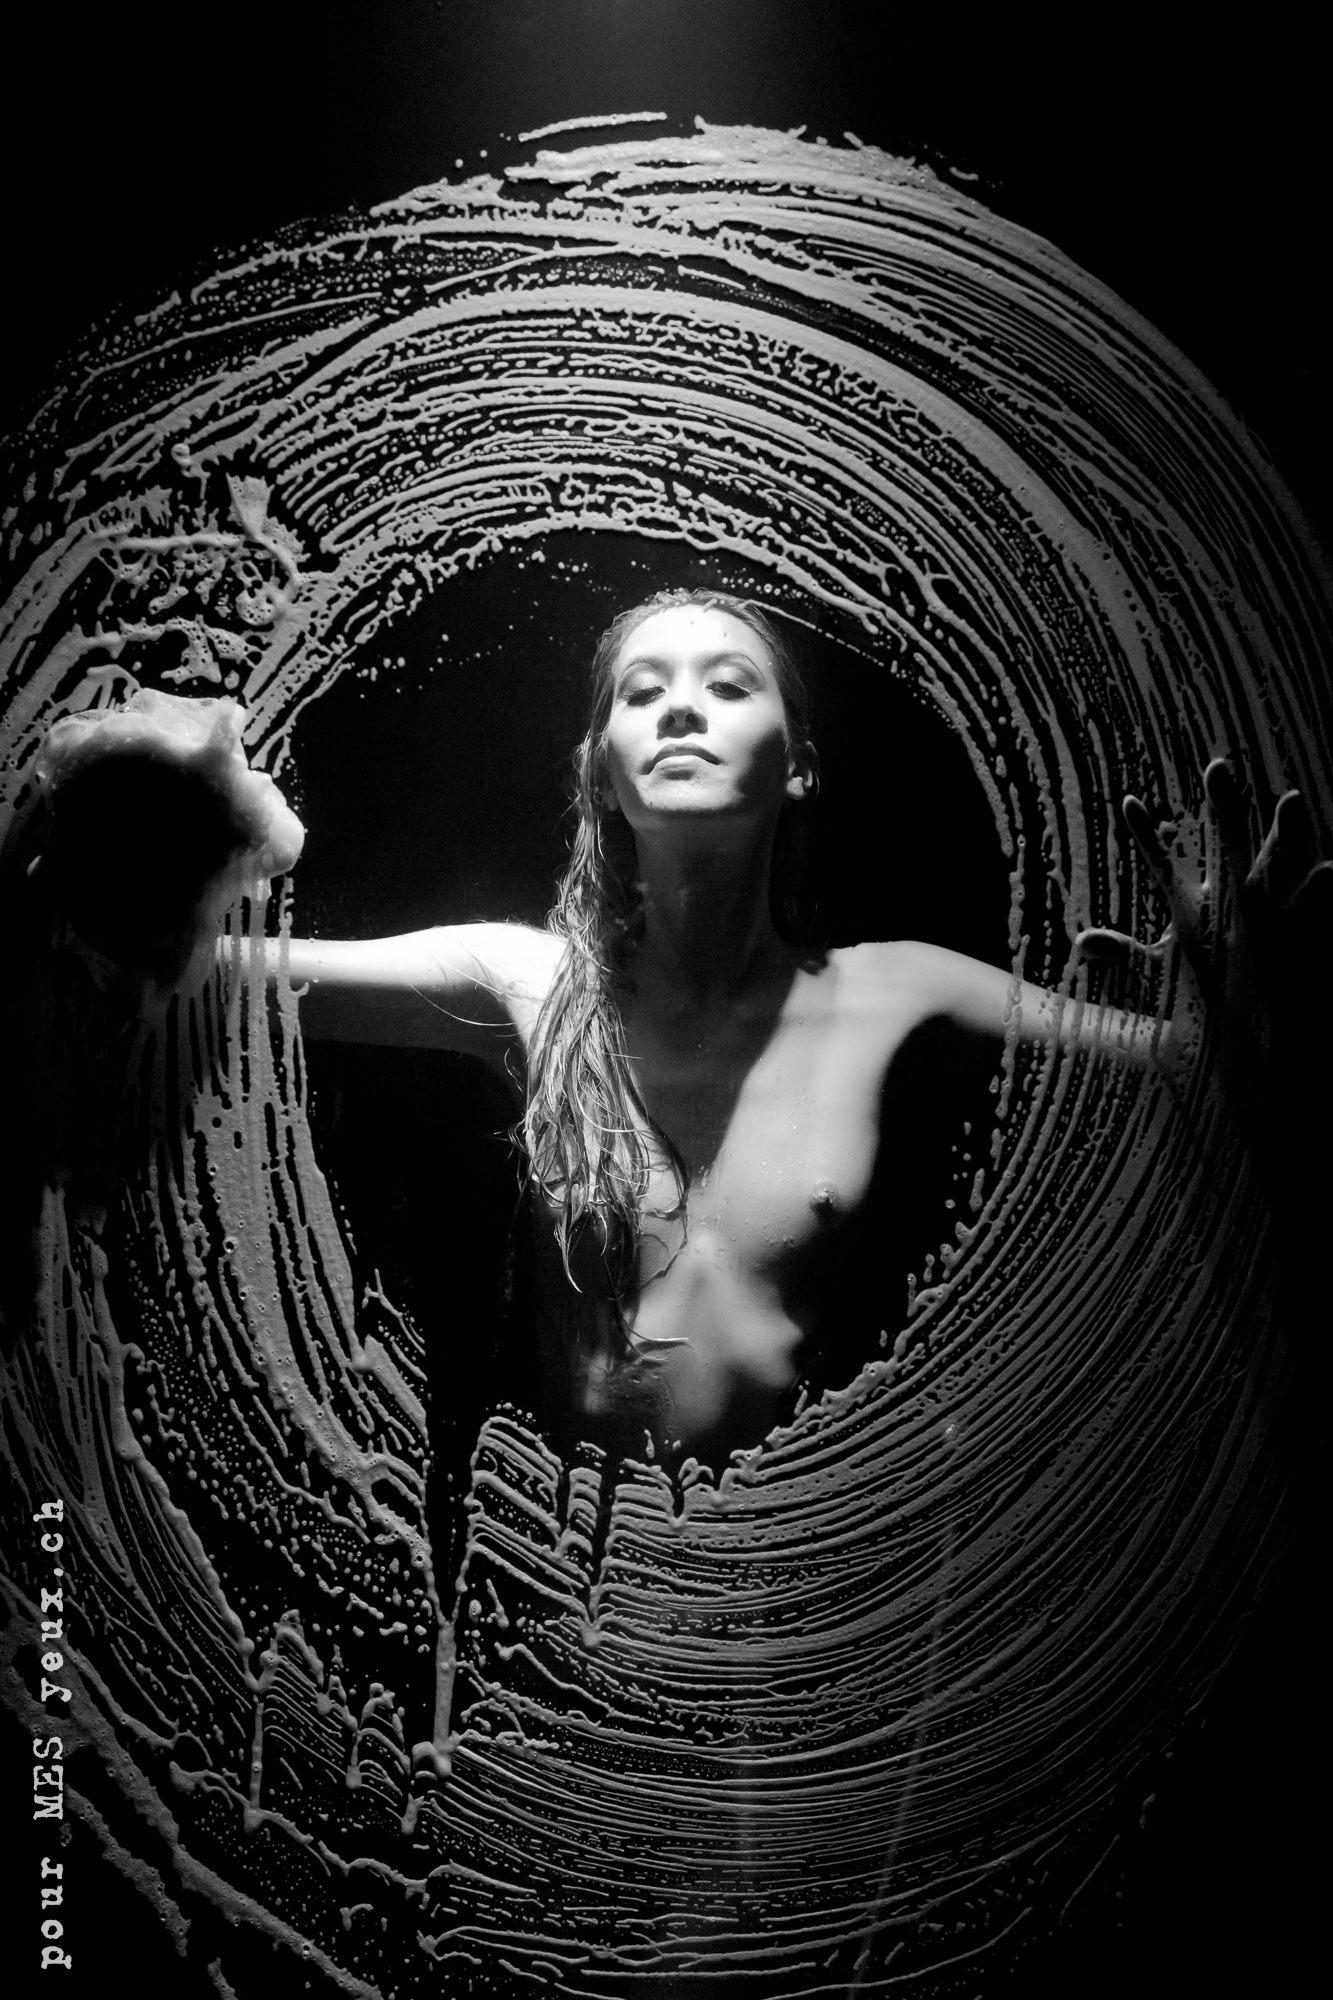 jenny suv femme genève modèle portrait mannequin suisse maquilleuse danseuse nu noir blanc charme artistique